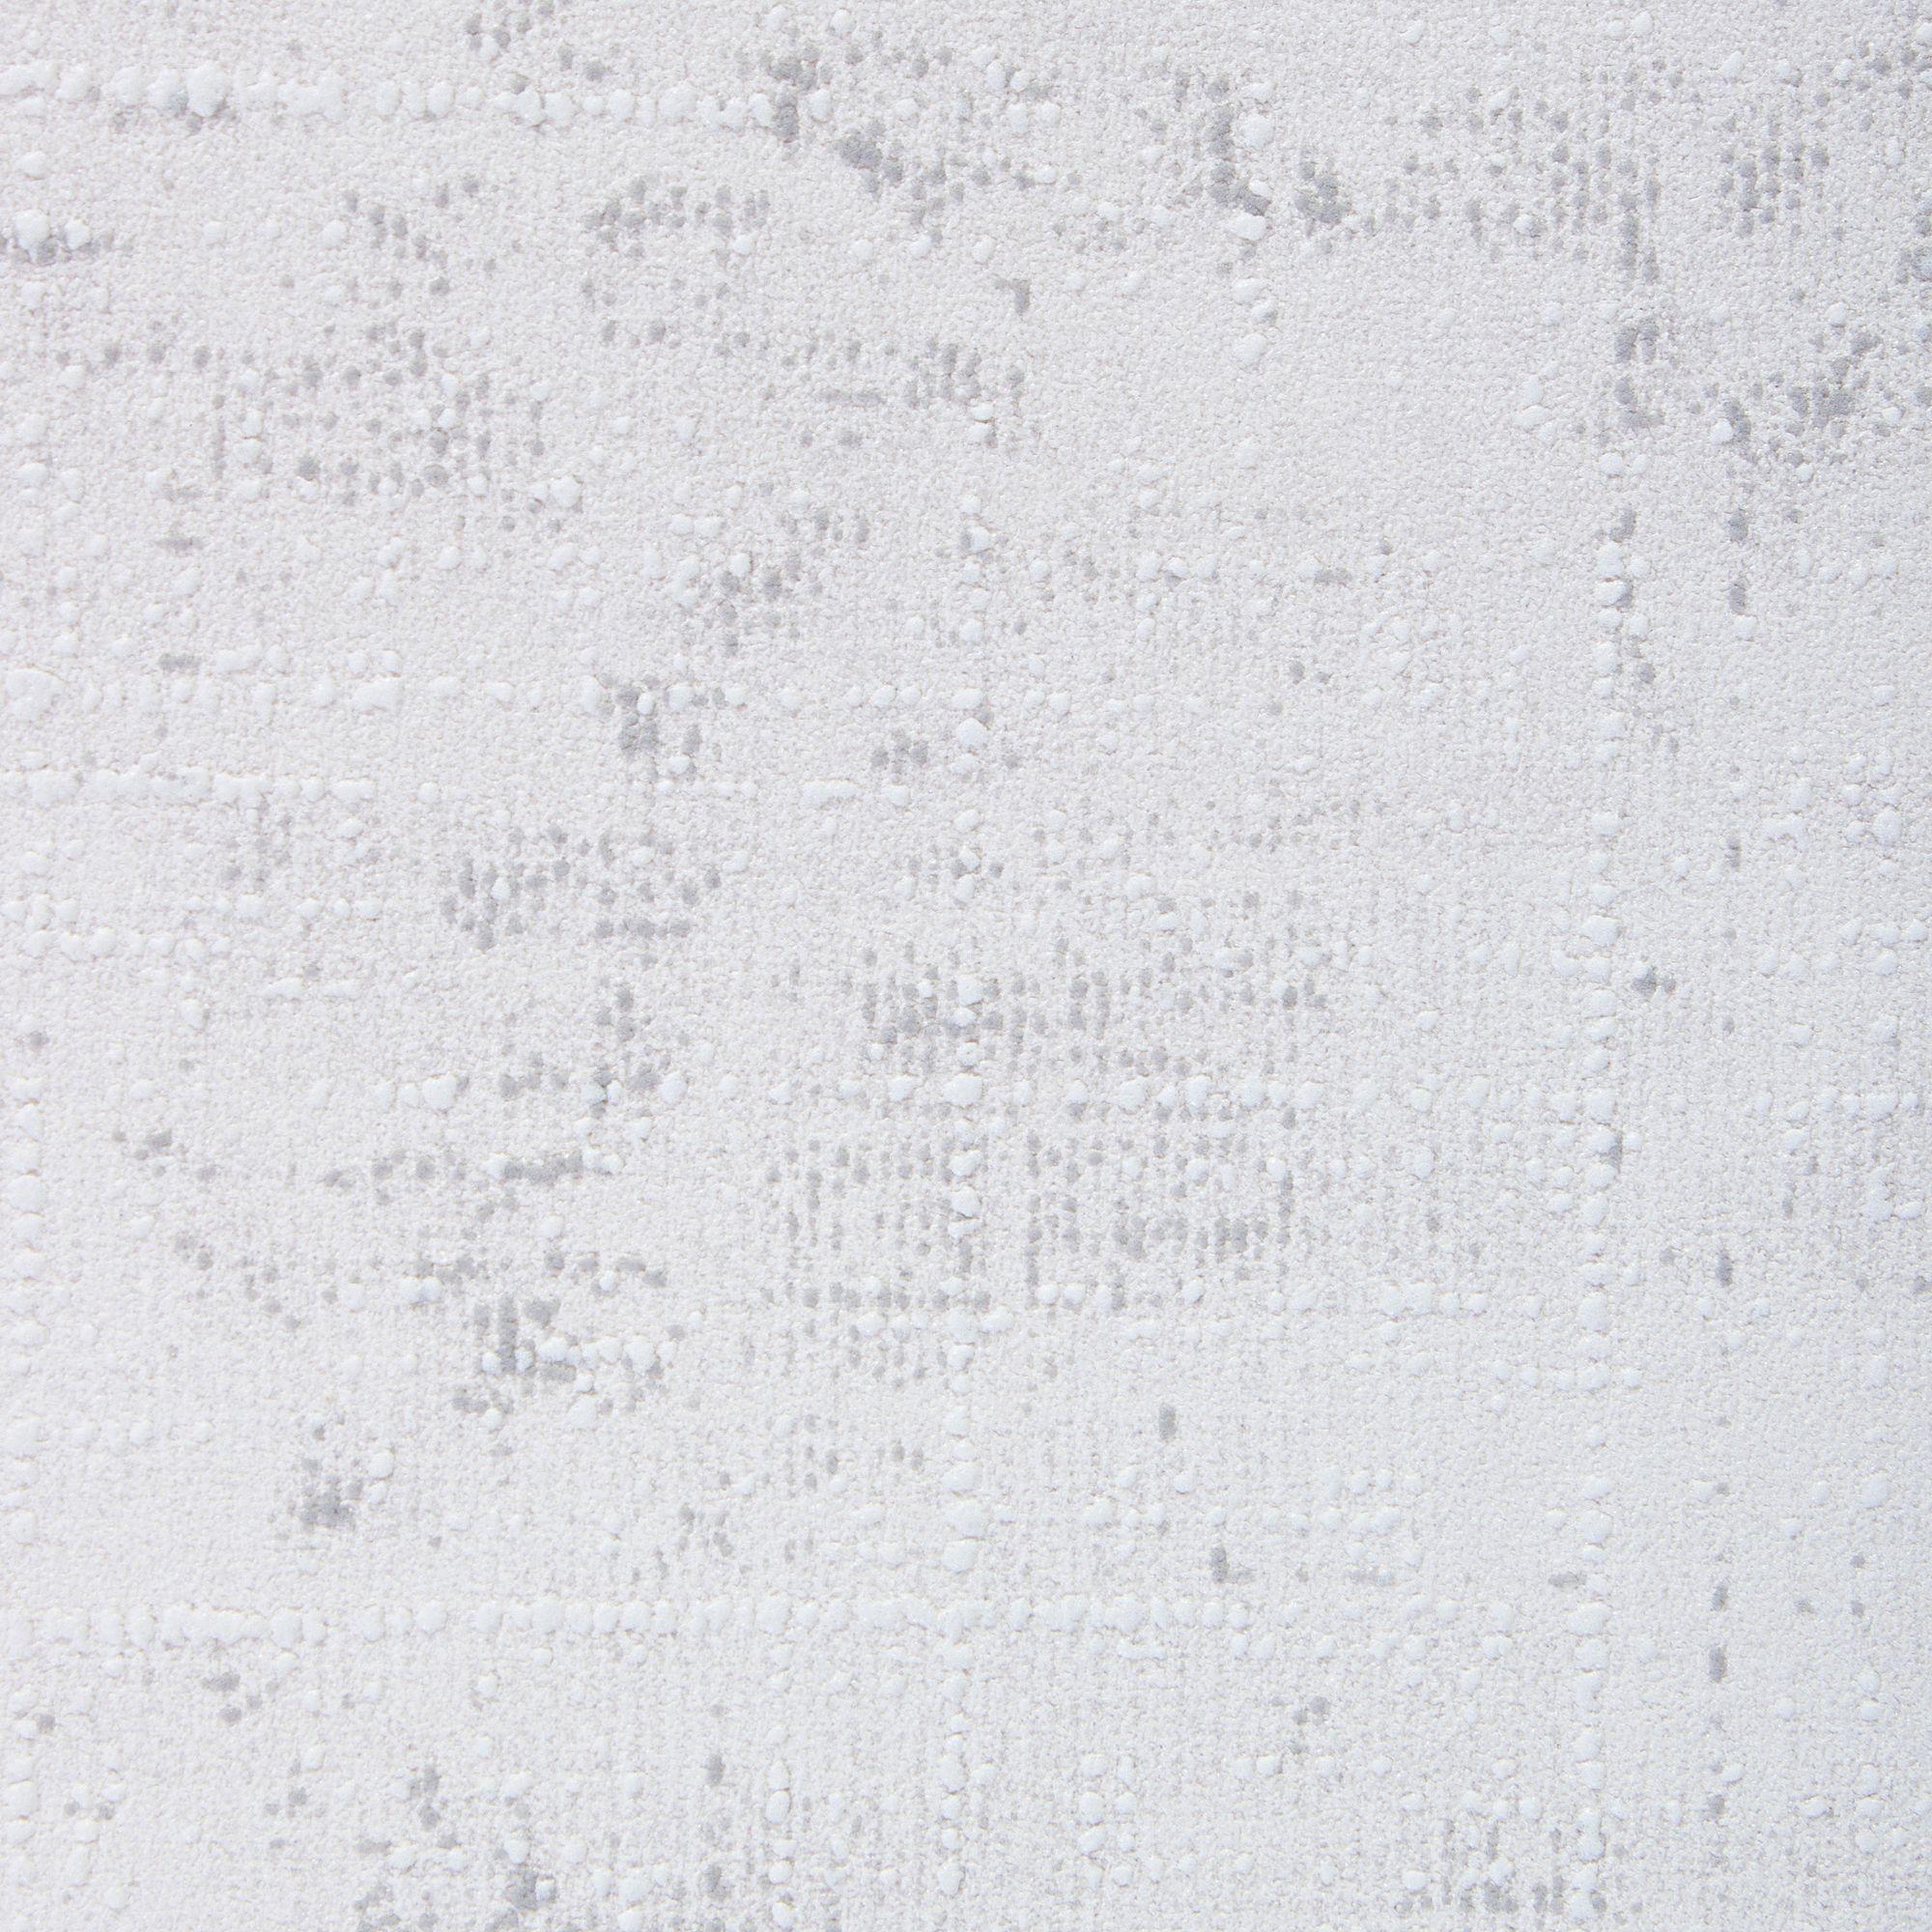 Обои флизелиновые 0.53х10 м фон серый АС 304578